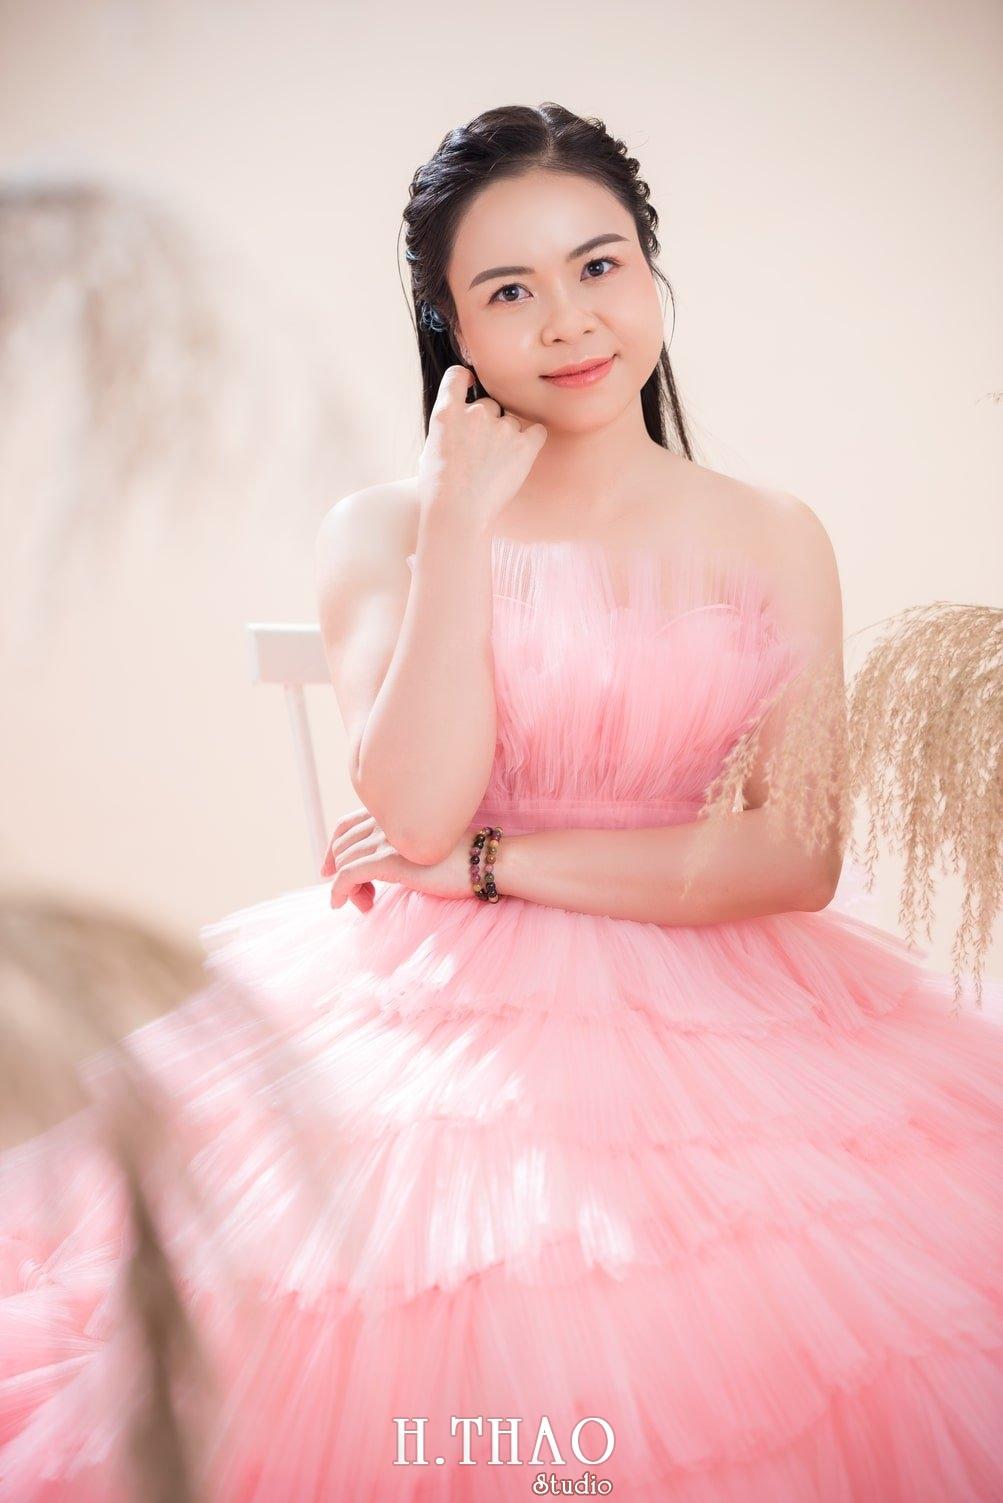 Anh Doanh nhan 29 1 - Báo giá chụp ảnh cá nhân